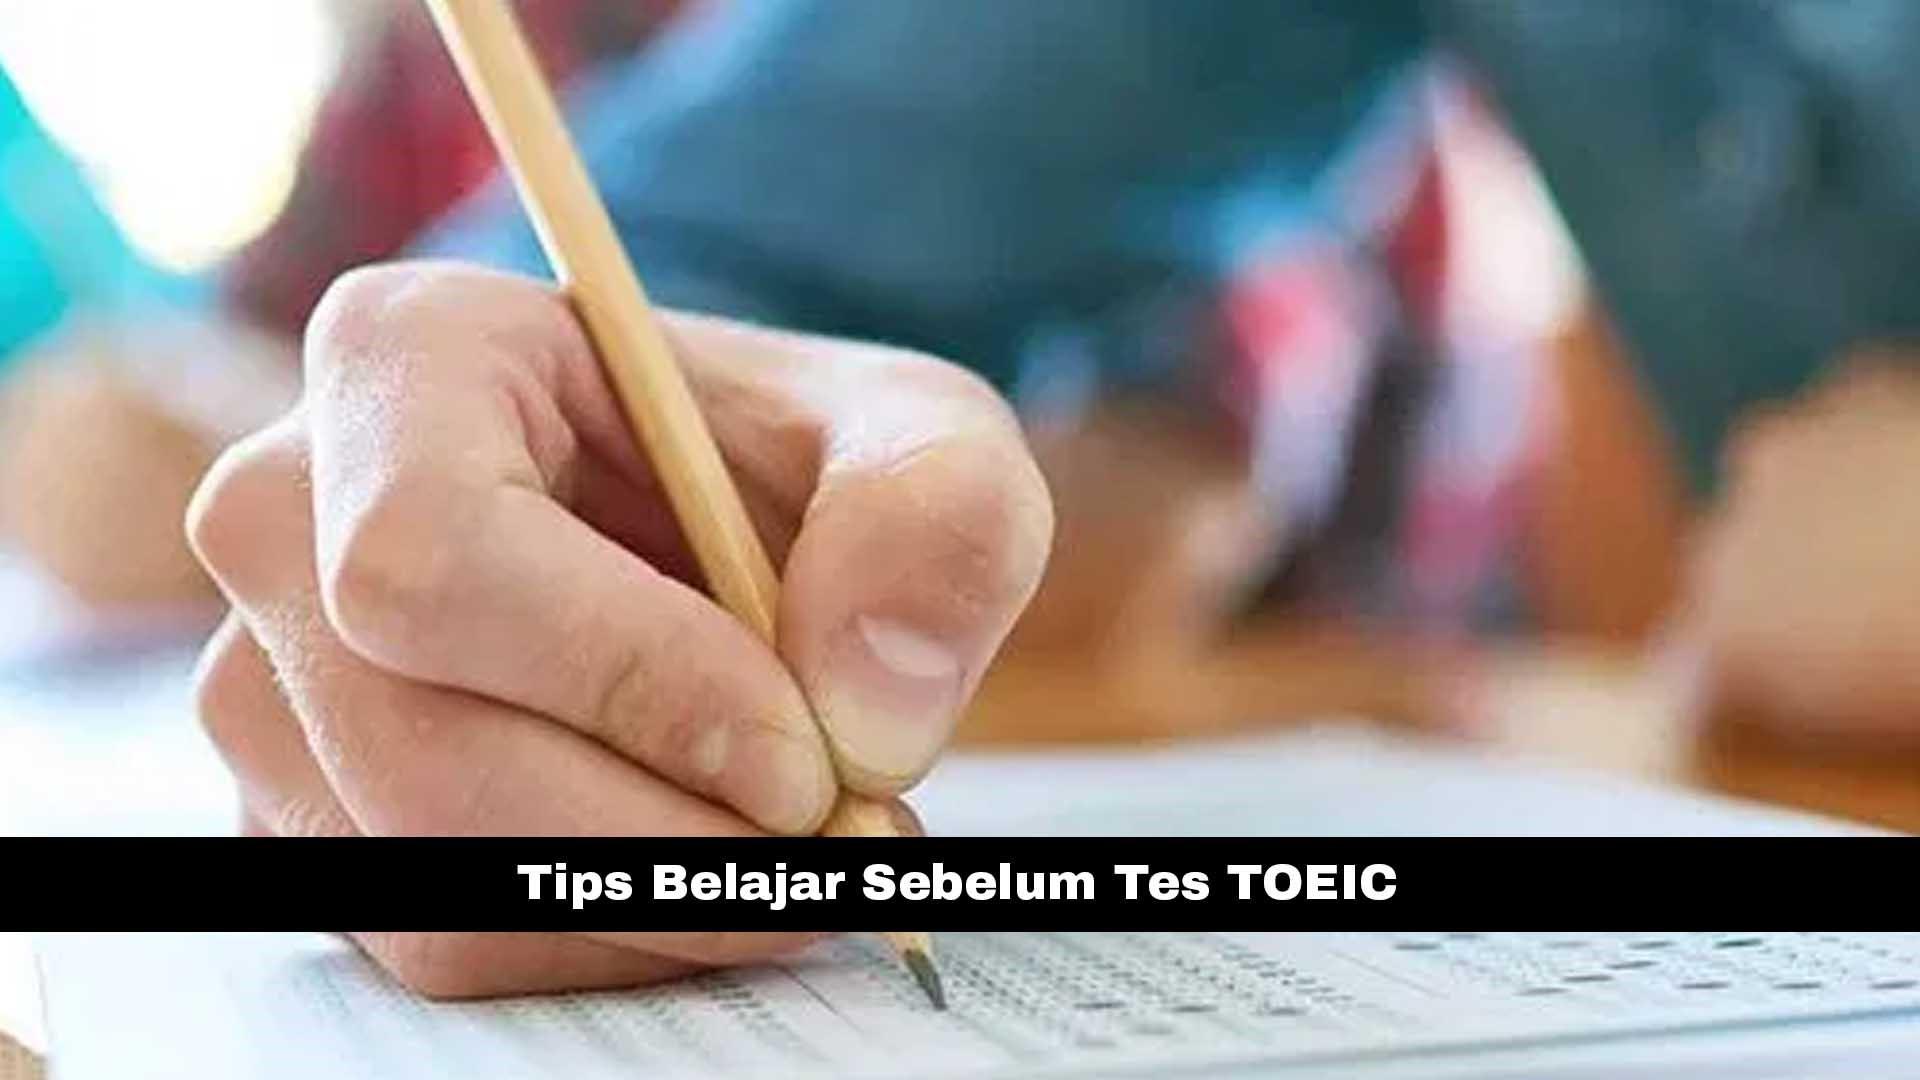 Tips Belajar Toeic